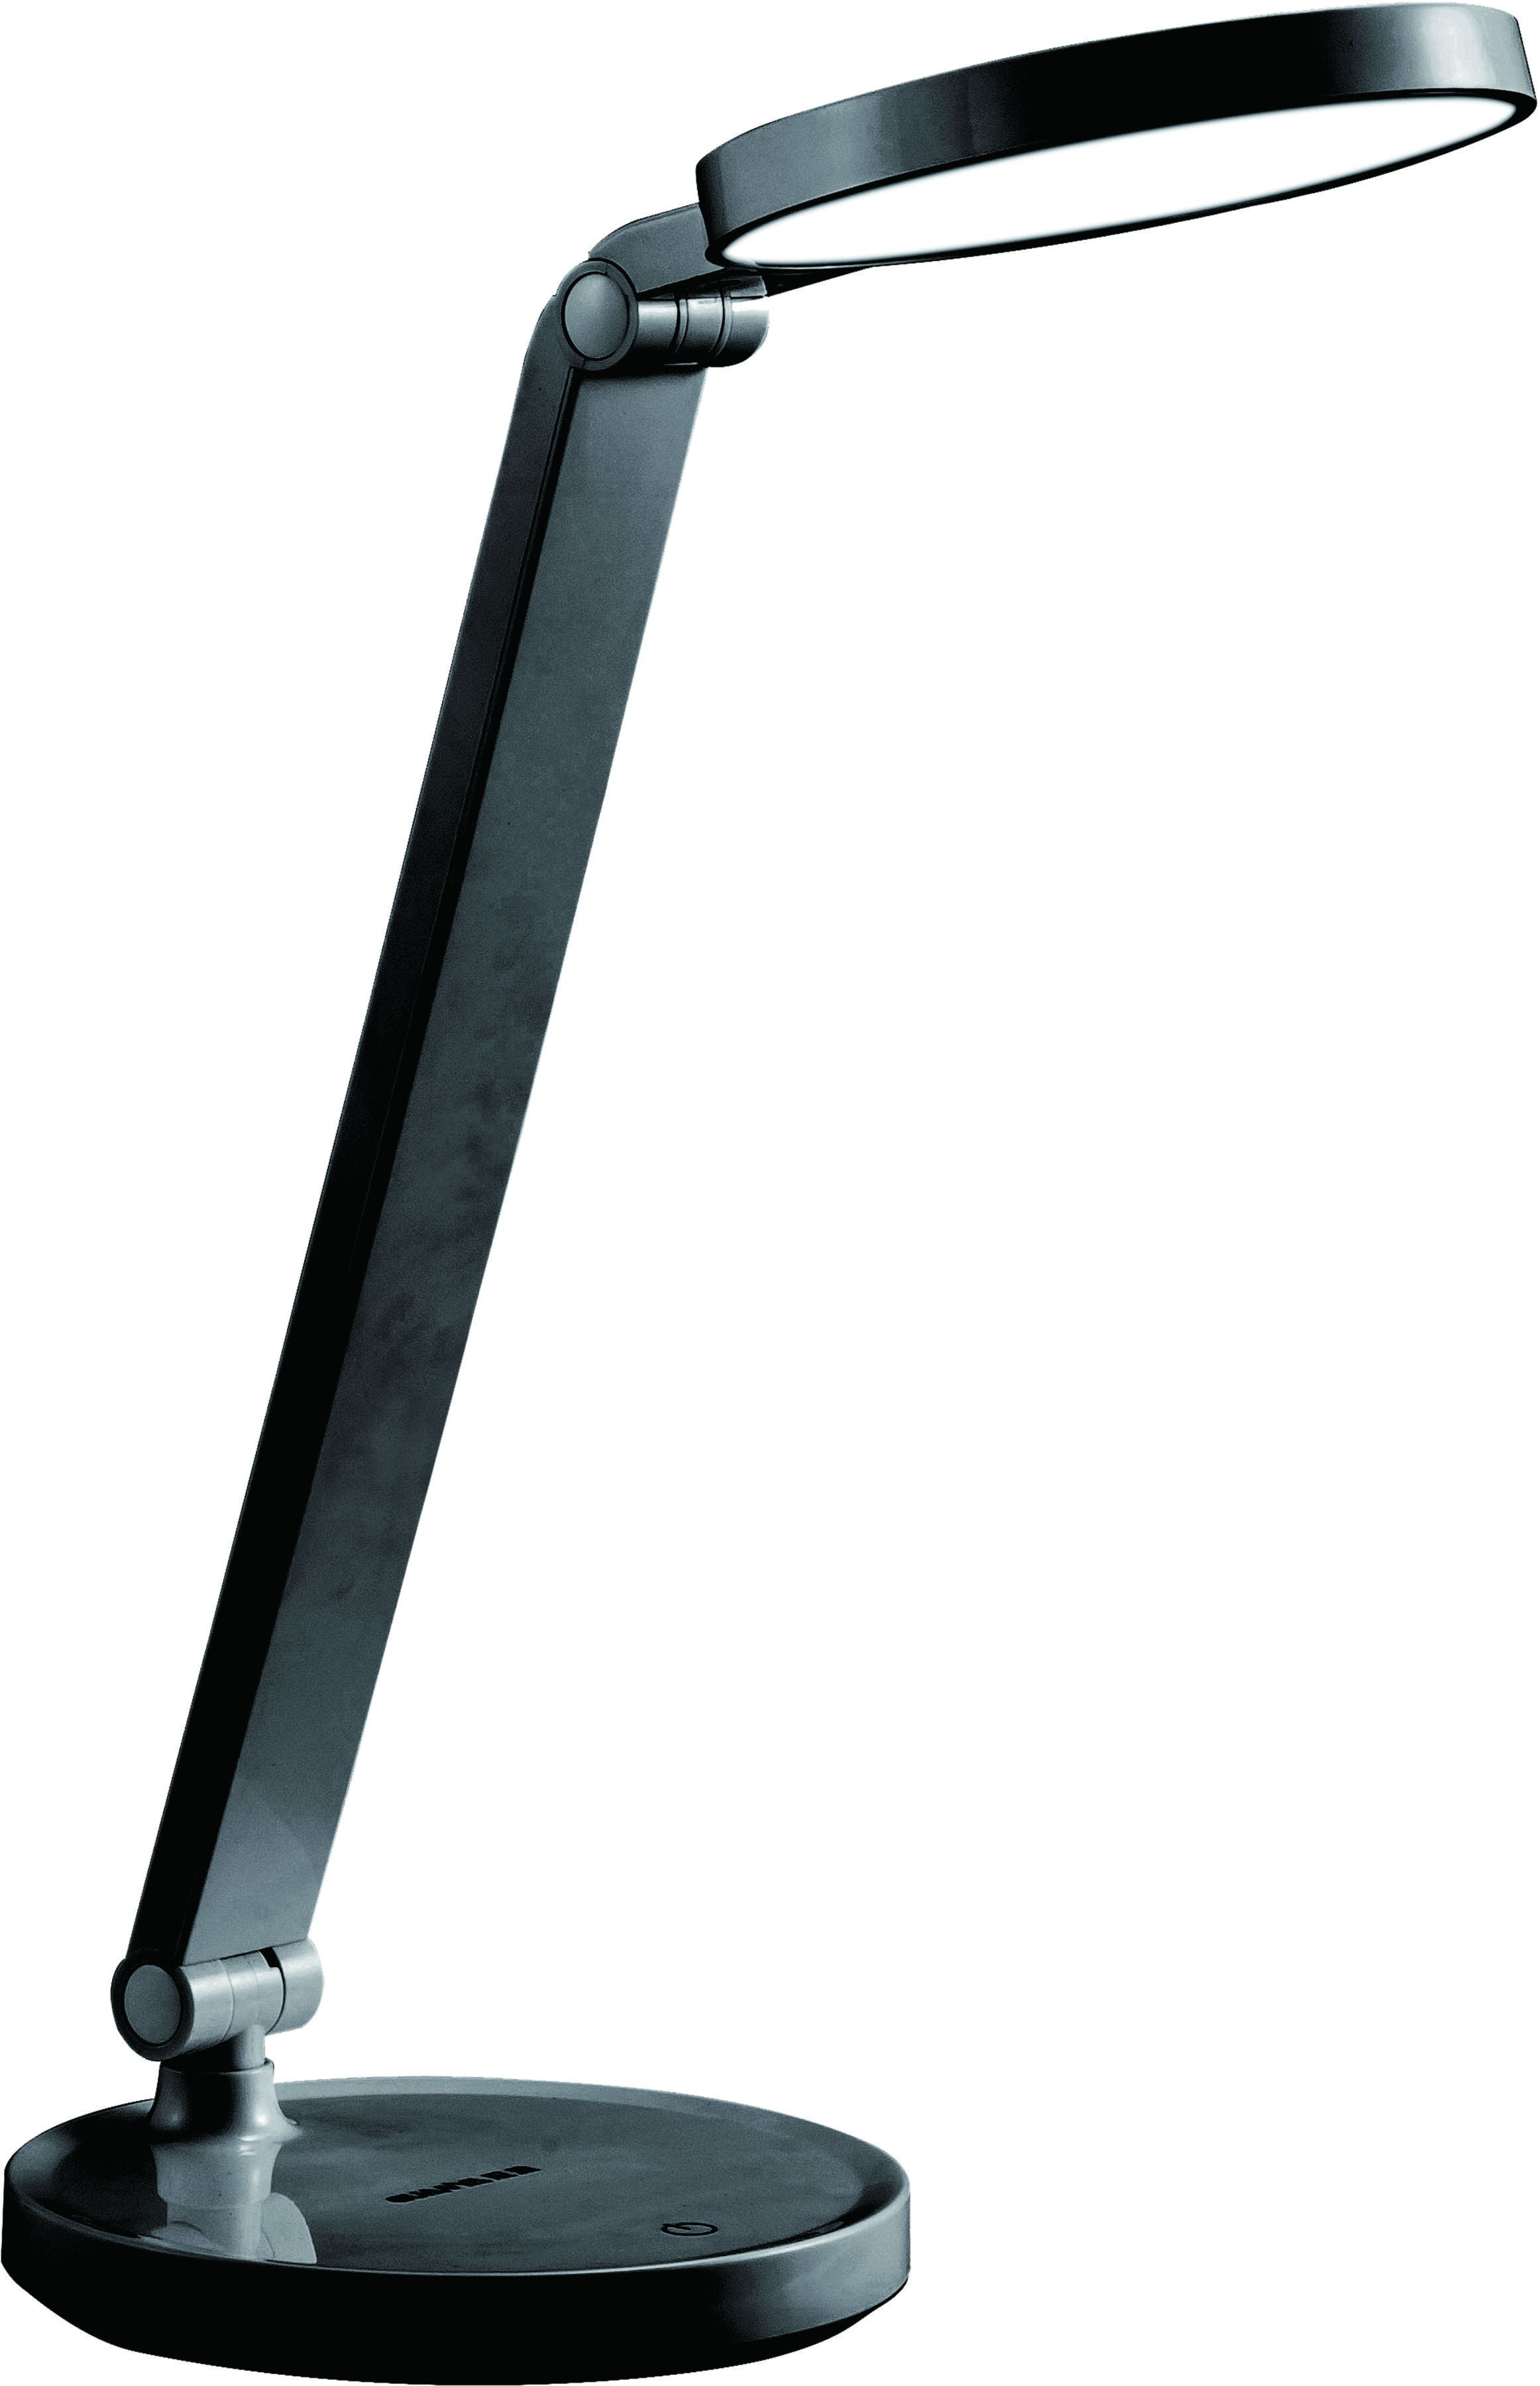 LA-M338 LED CZARNA LAMPKA BIURKOWA Duplikat-1